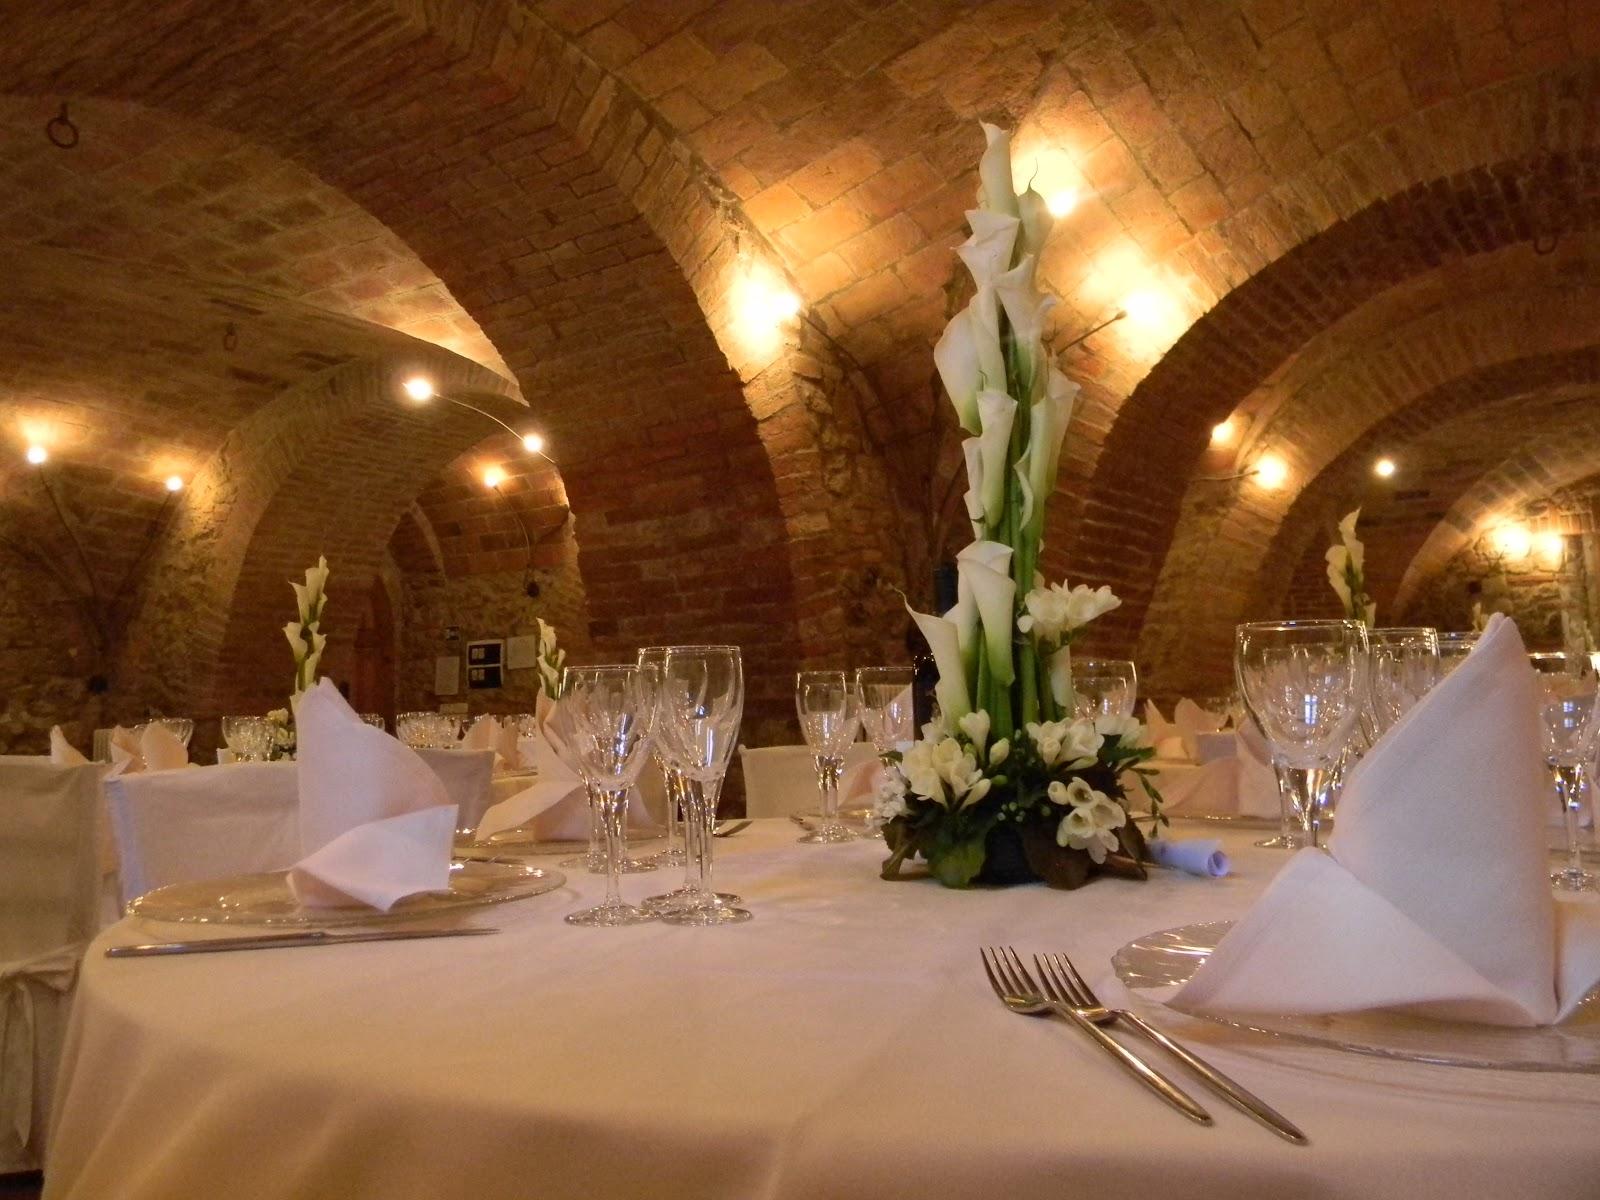 Matrimonio Toscana Inverno : Matrimonio invernale sposarsi in inverno il calore di